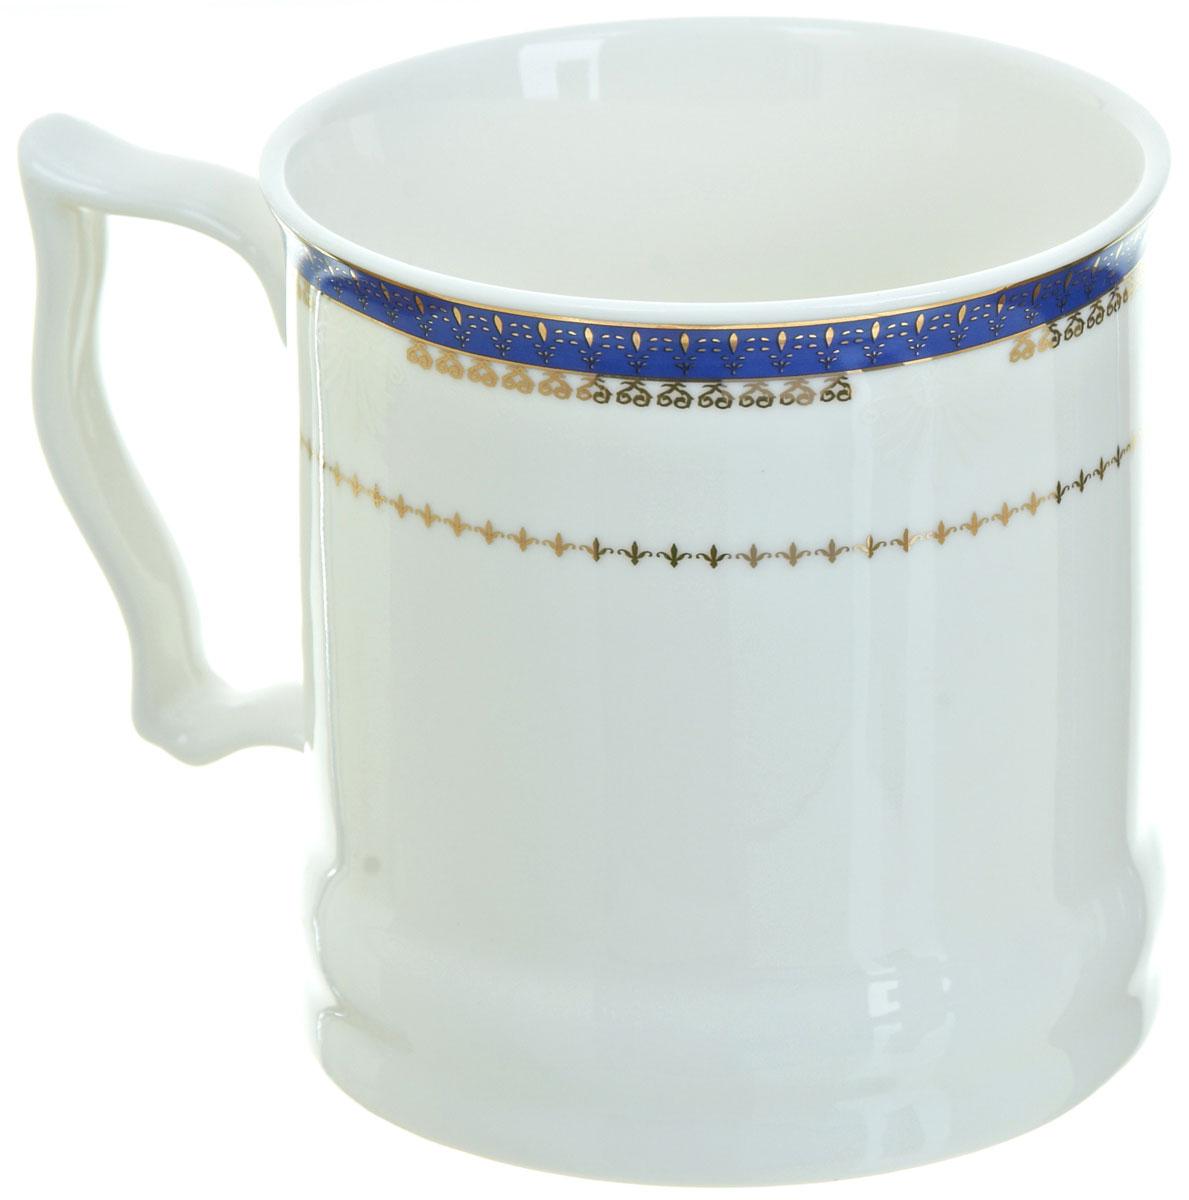 Кружка BHP Королевская кружка, 500 мл. M1870002M1870002Оригинальная кружка Best Home Porcelain, выполненная из высококачественного фарфора, сочетает в себе простой, утонченный дизайн с максимальной функциональностью. Можно использовать в посудомоечной машине.